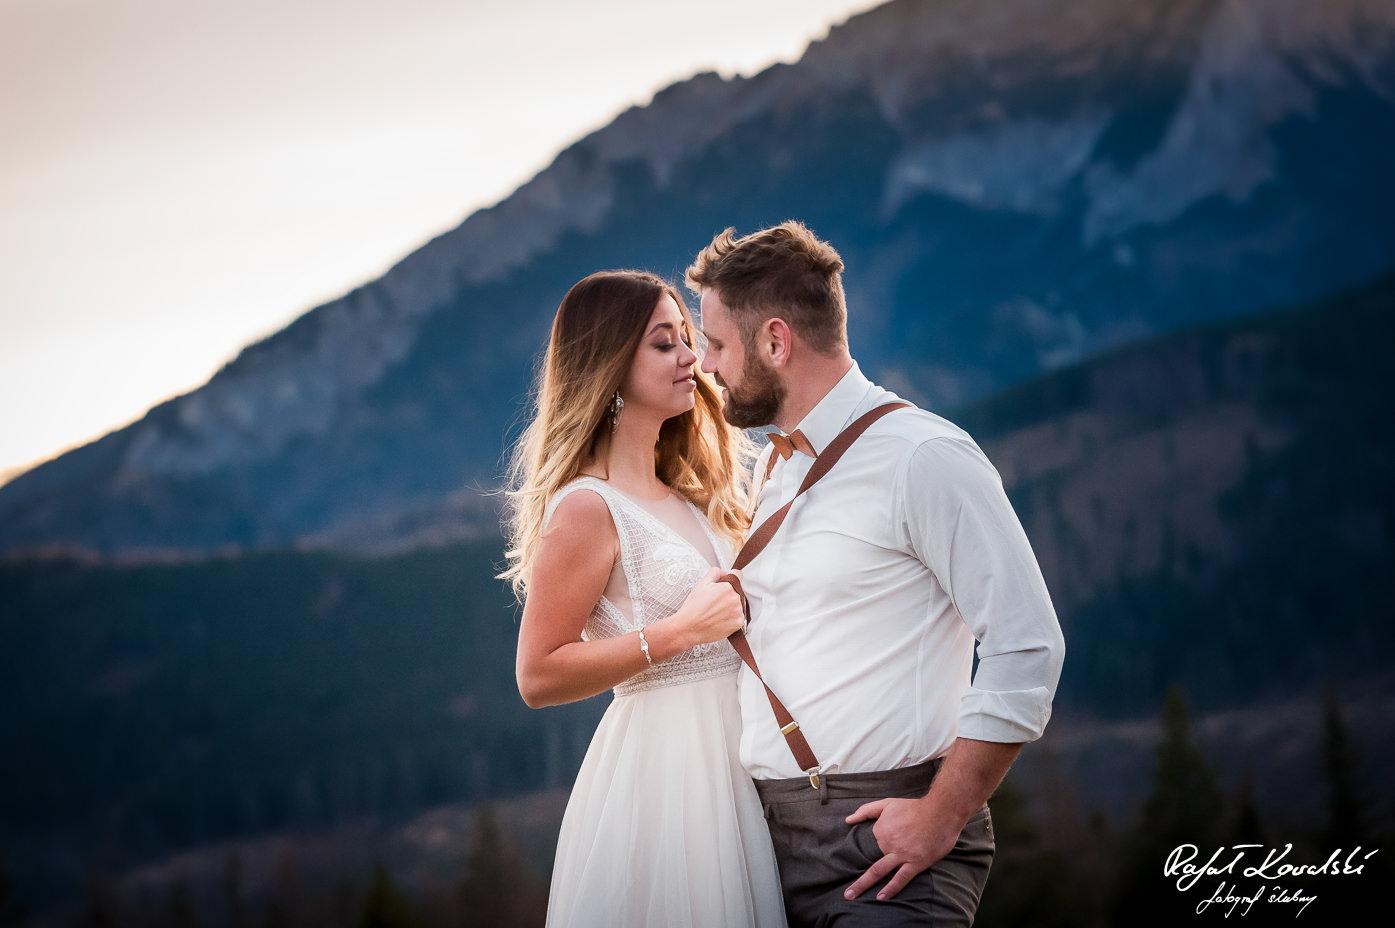 nawet na Sesji ślubnej w Tatrach znajdzie się miejsce na drobne przekomarzanie pomiędzy parą młodą